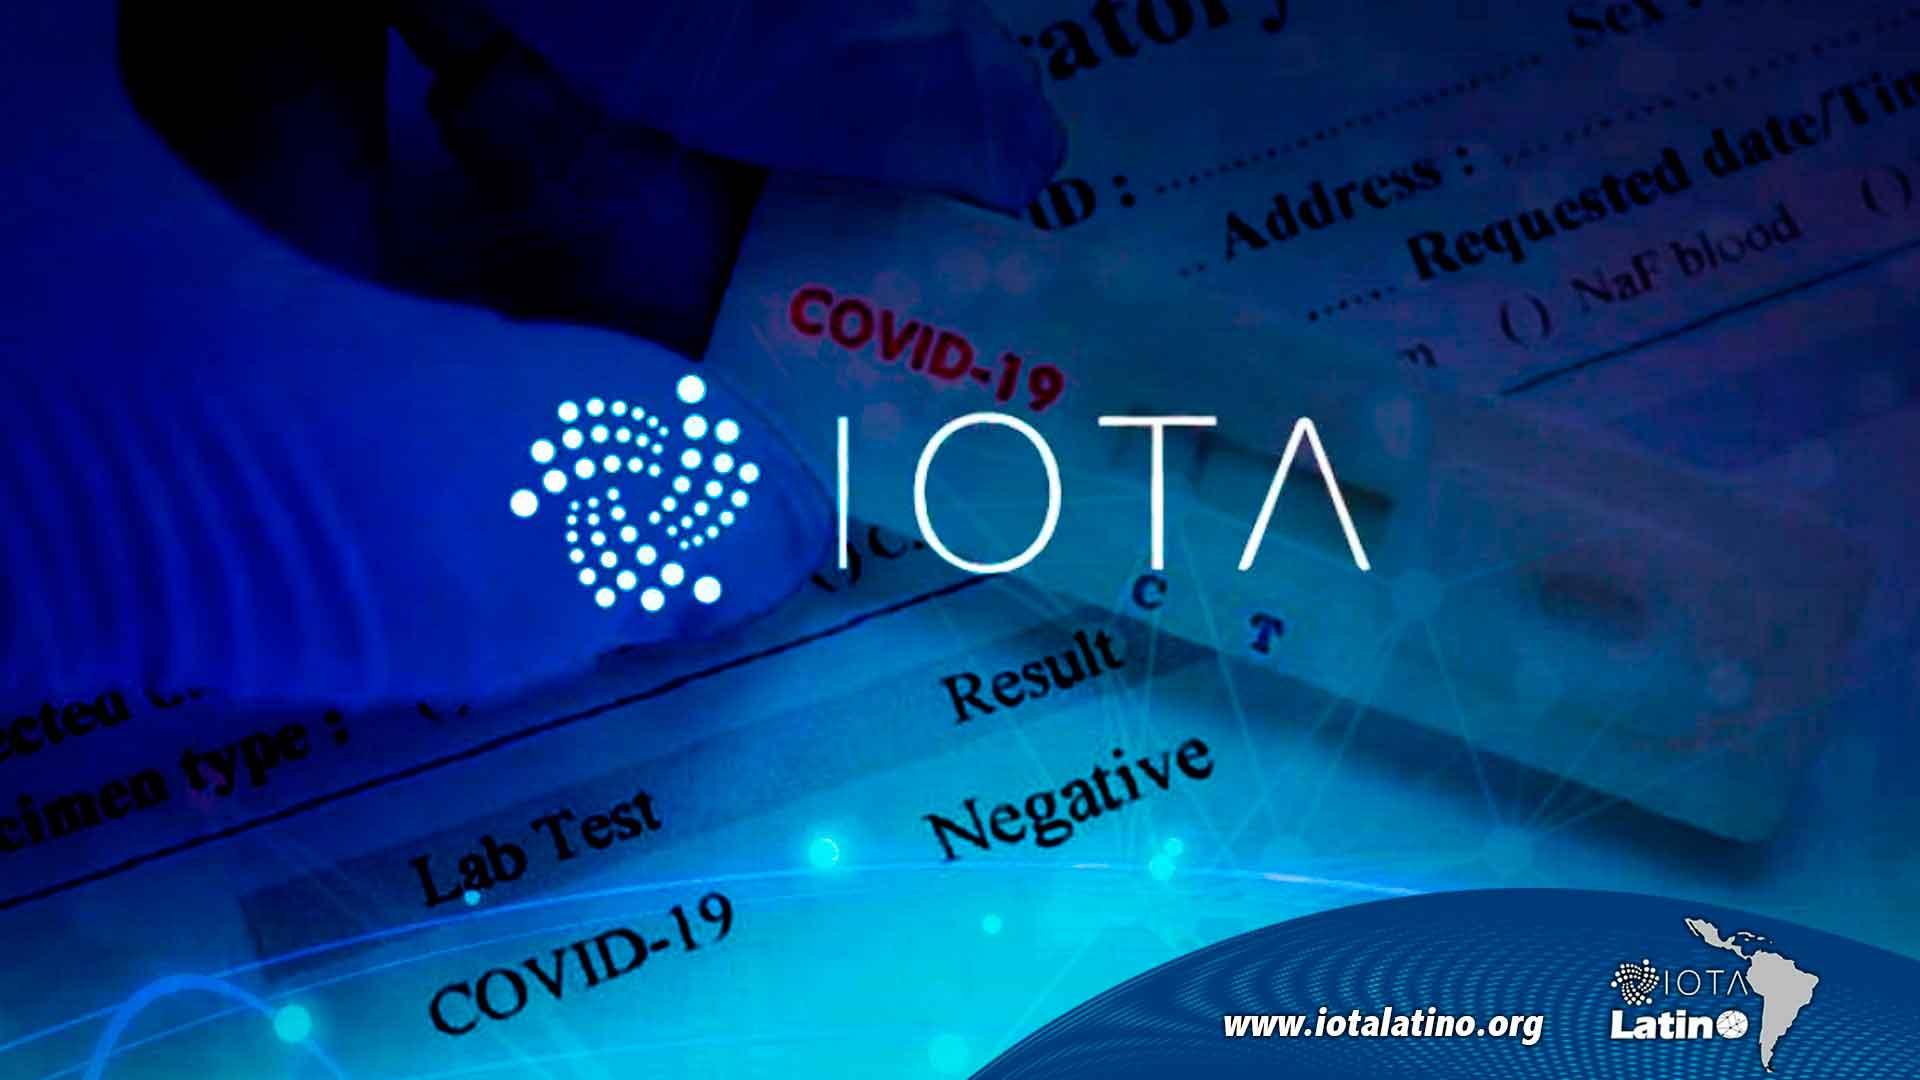 IOTA detectaria a la COVID-19 - IOTA Latino